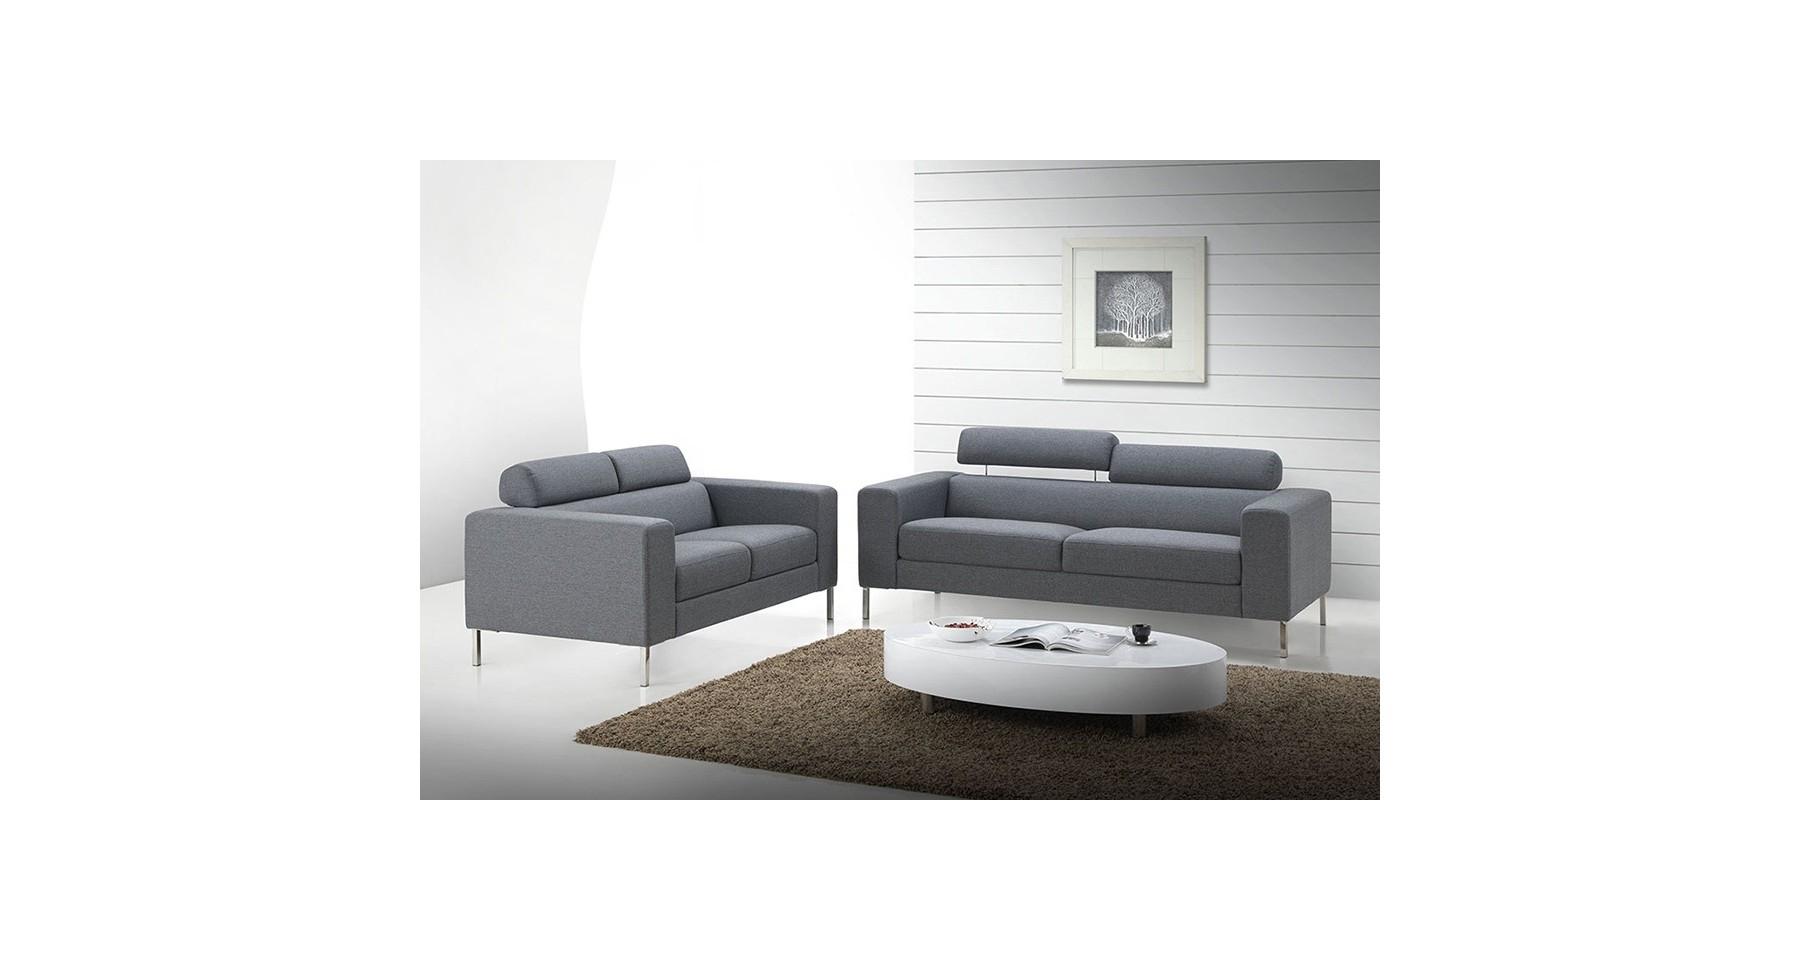 Canapé 2 places design en tissu gris clair Emily